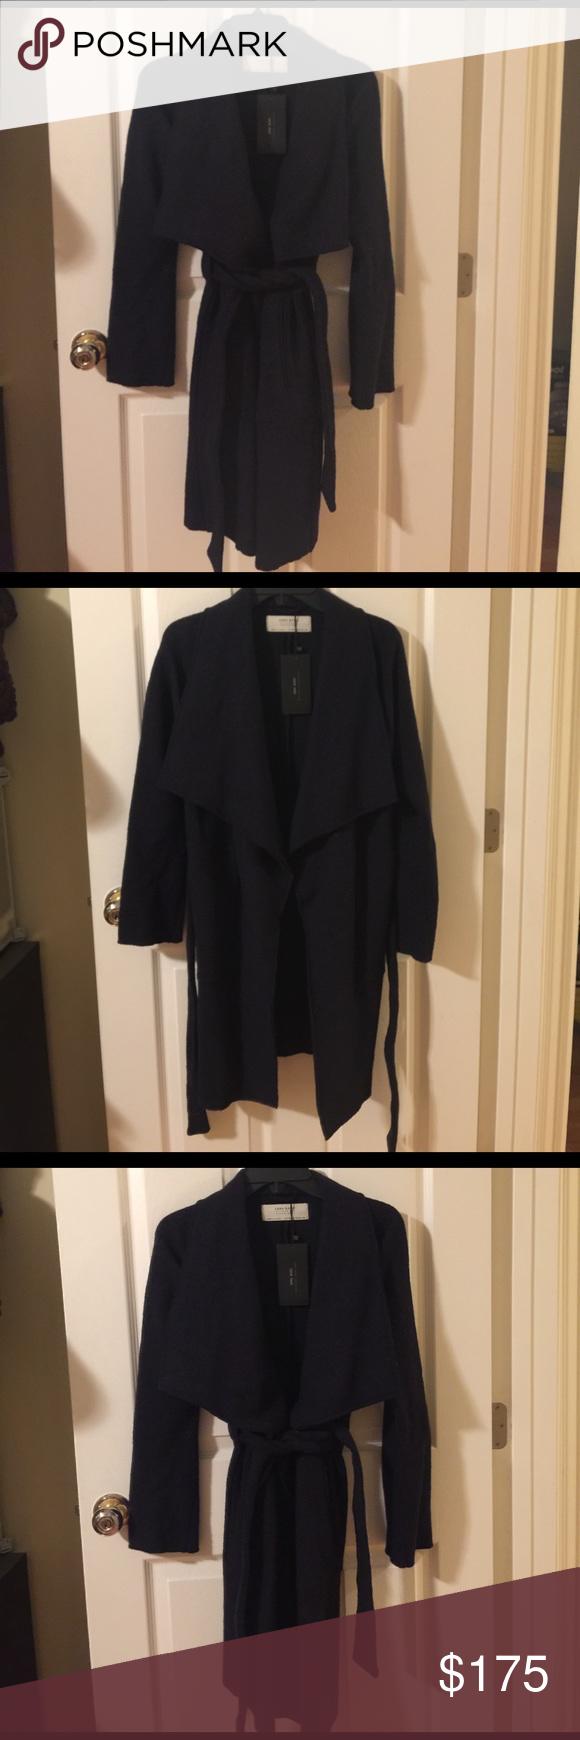 New with tag Zara navy blue Drape coat New with tag Zara Drape coat. Navy blue color. Zara Jackets & Coats